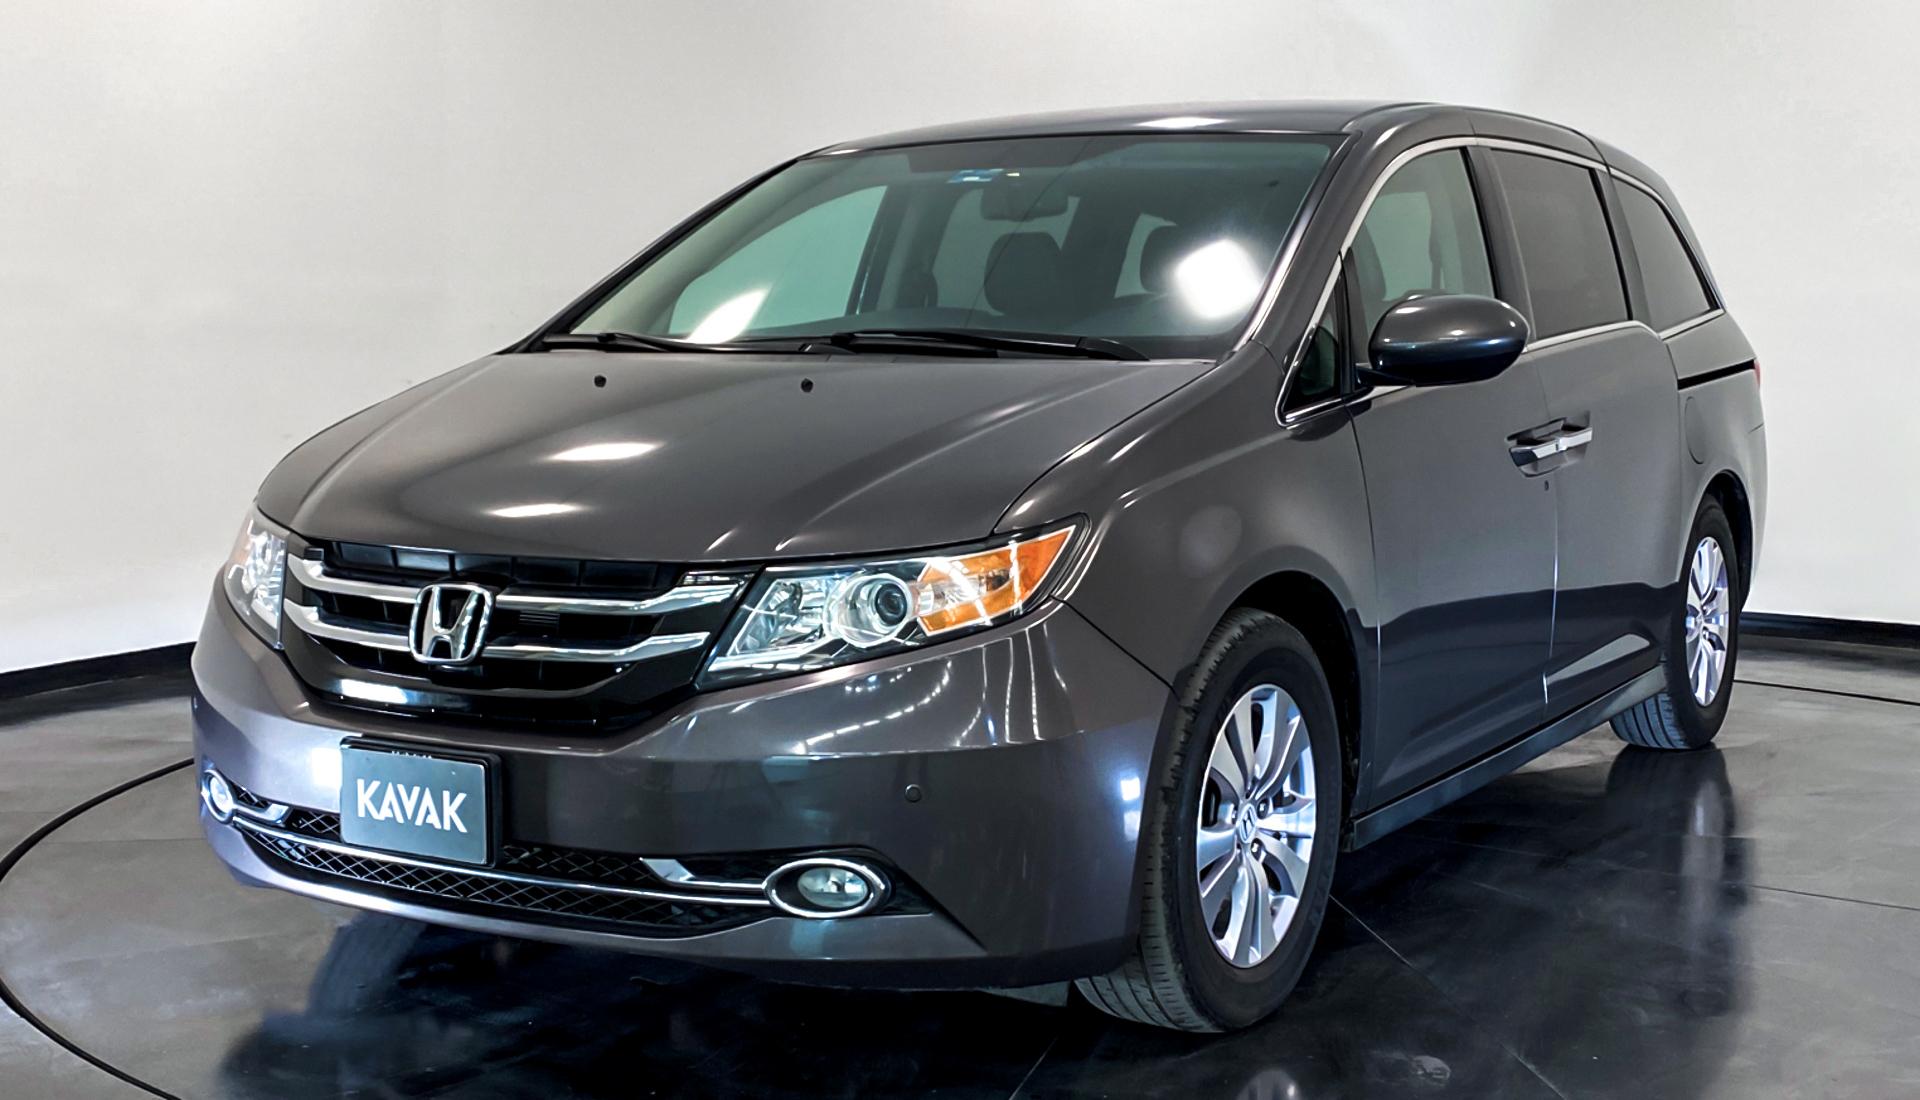 Honda Odyssey 2015 #27721 | 91363 KM | Precio: $309999